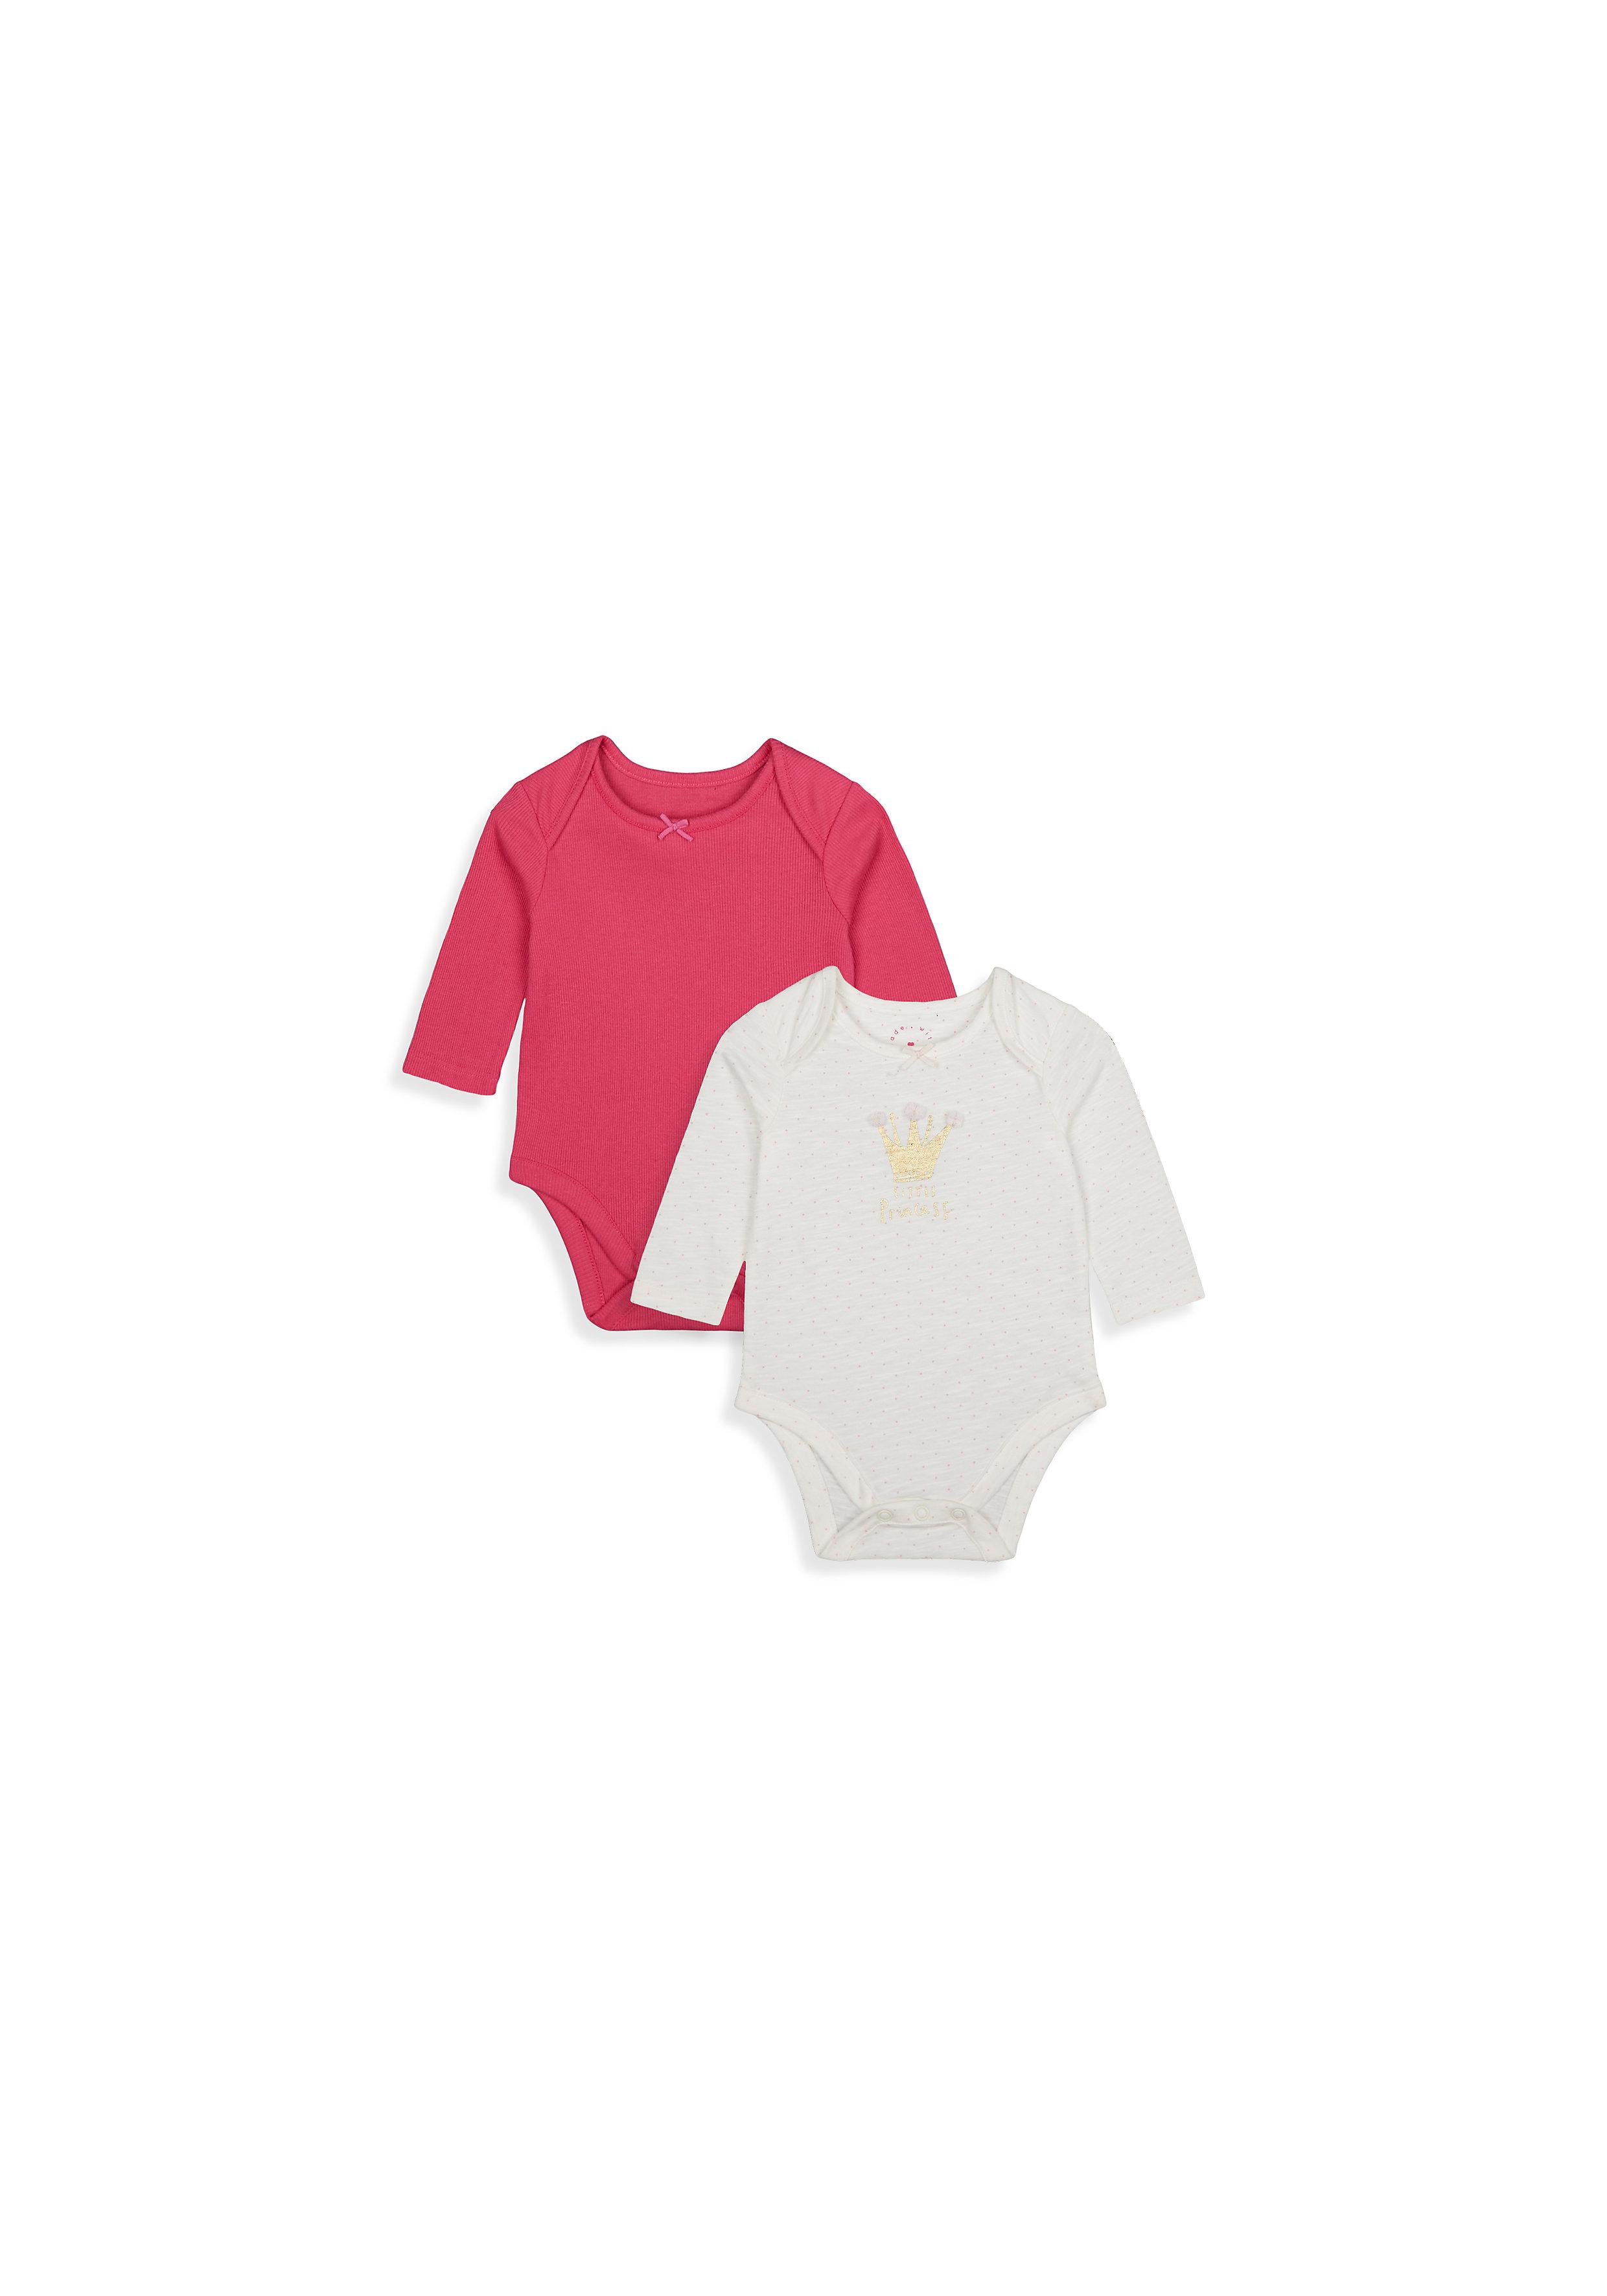 Mothercare | Girls Full Sleeves Bodysuit Glitter Crown Print - Pack Of 2 - Multicolor